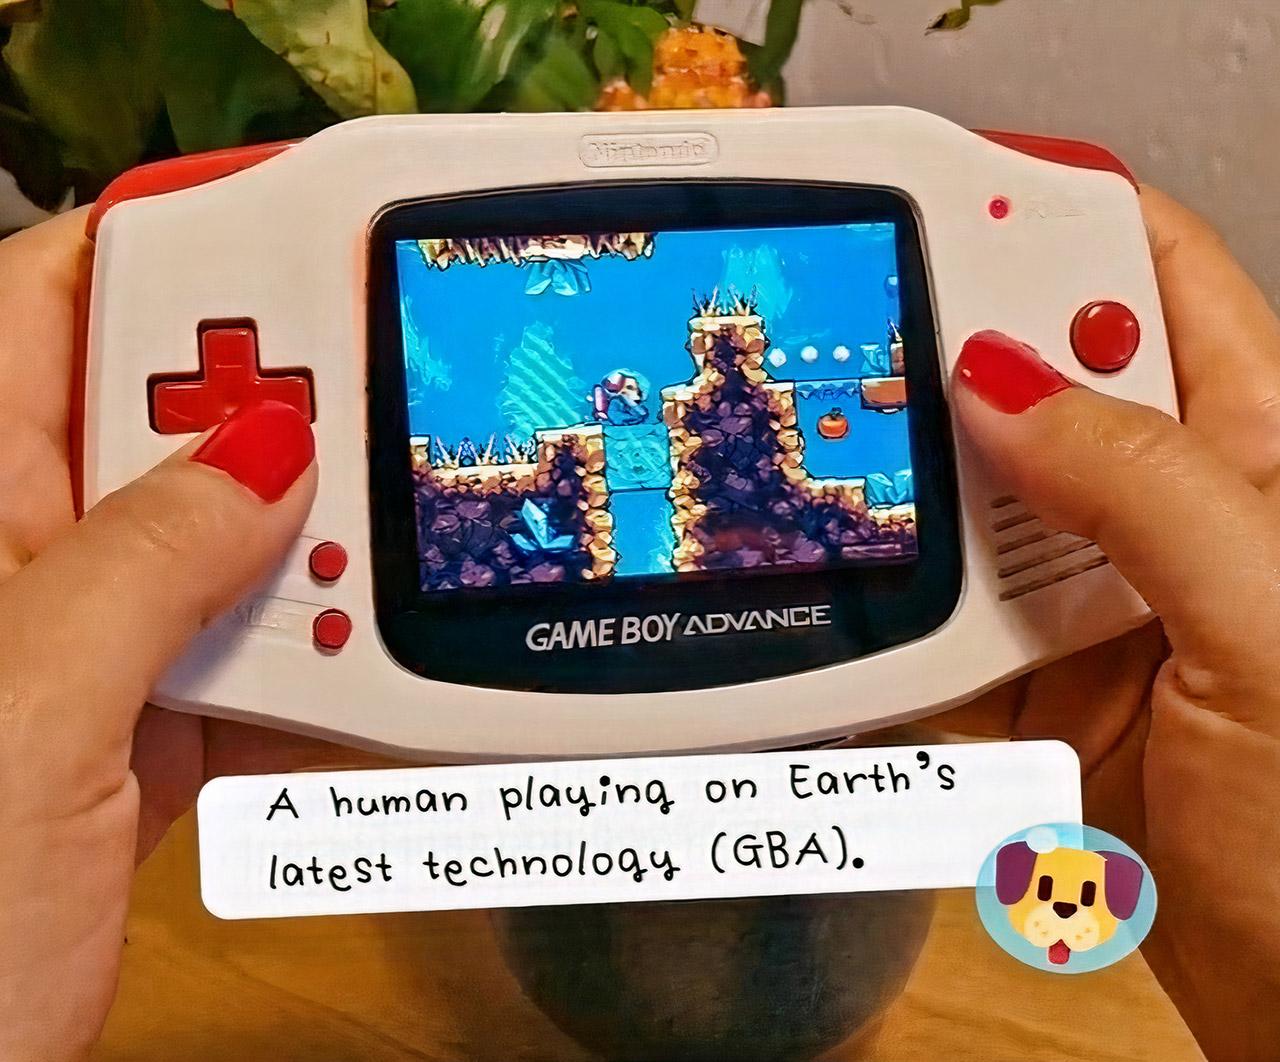 Goodboy Galaxy Game Boy Advance GBA Game